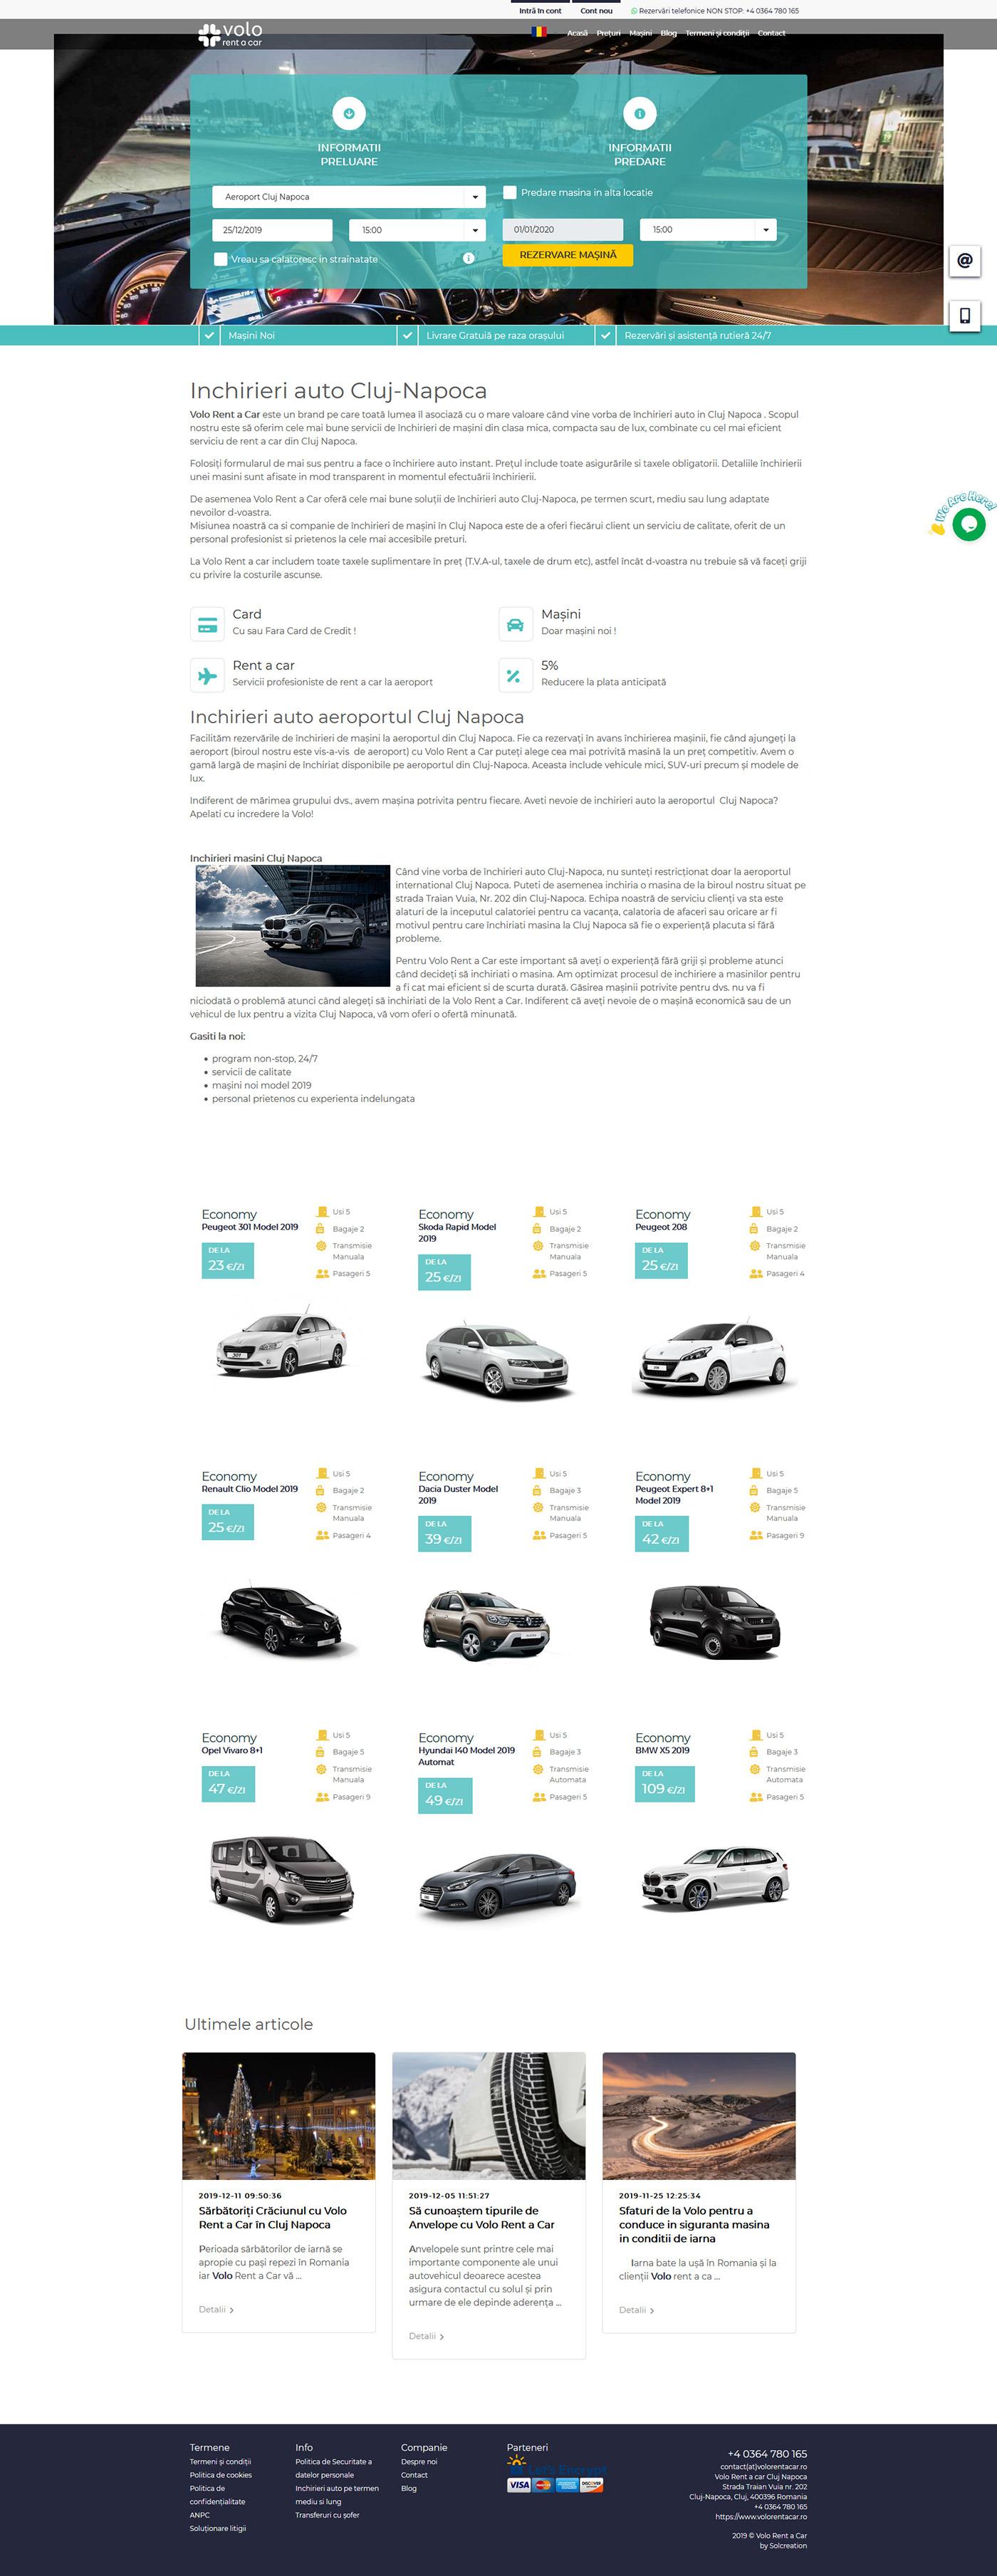 Image may contain: screenshot, abstract and car